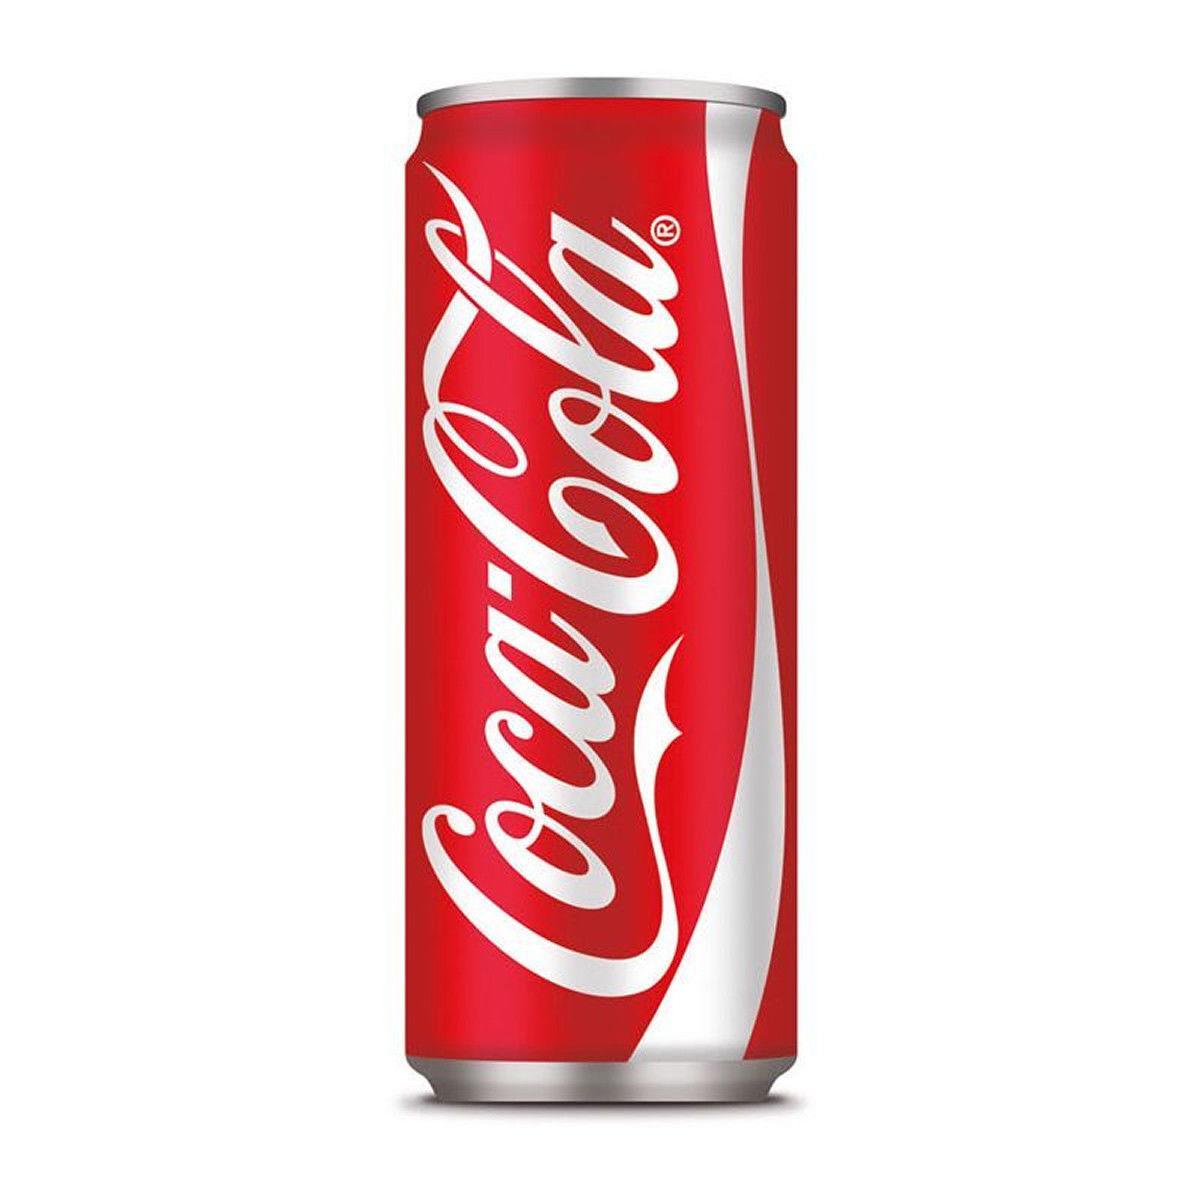 21,50 € per Coca Cola Classica Cl33 Confezione Da 24 Lattine     su eBay.it